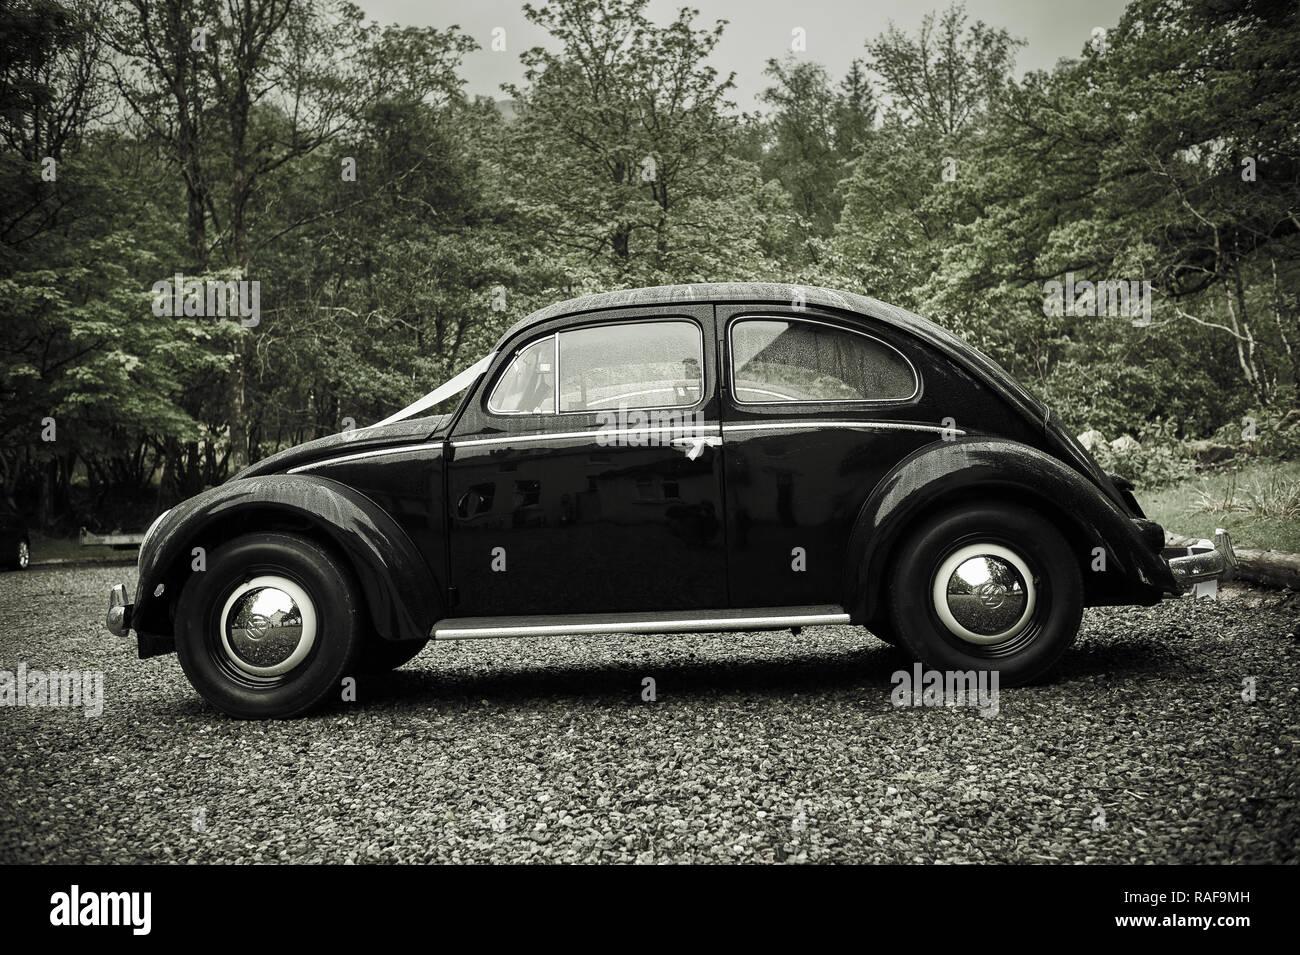 Classic Vw Kafer Hochzeit Auto Stockfoto Bild 230218257 Alamy